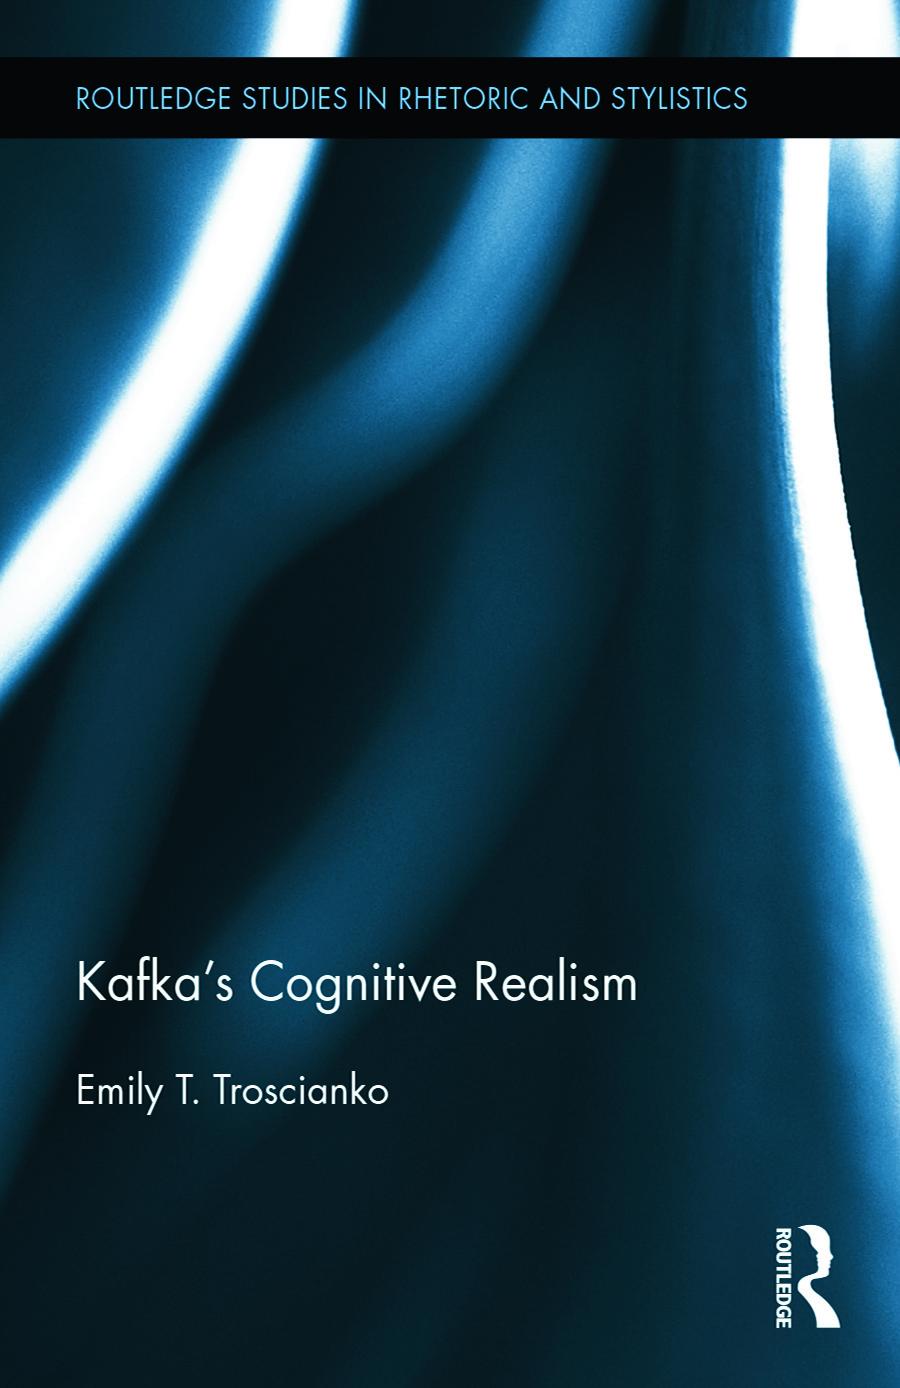 Kafka's Cognitive Realism (Hardback) book cover